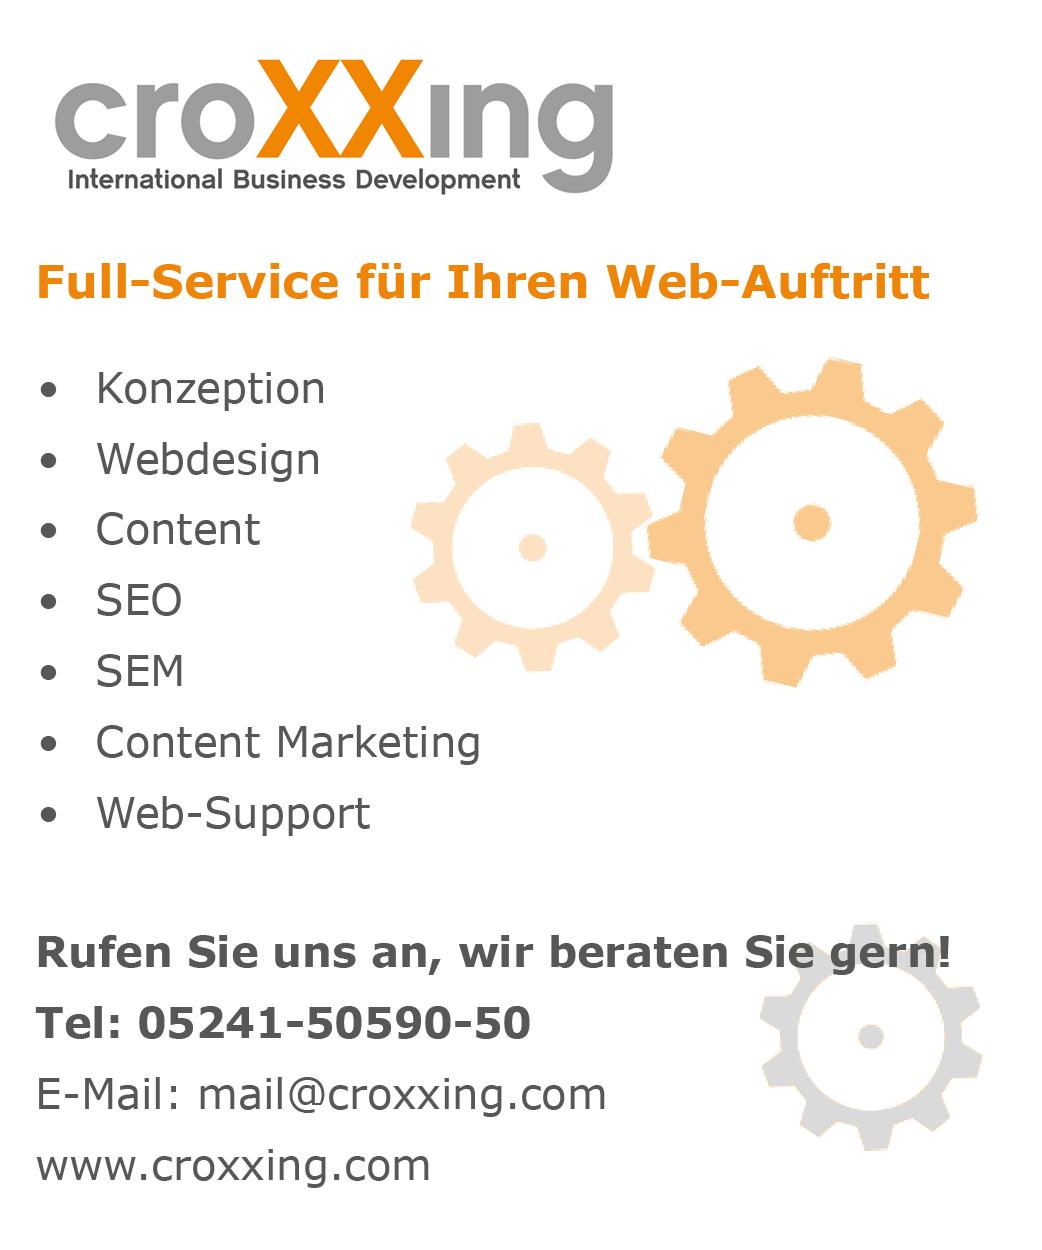 croxxing ad